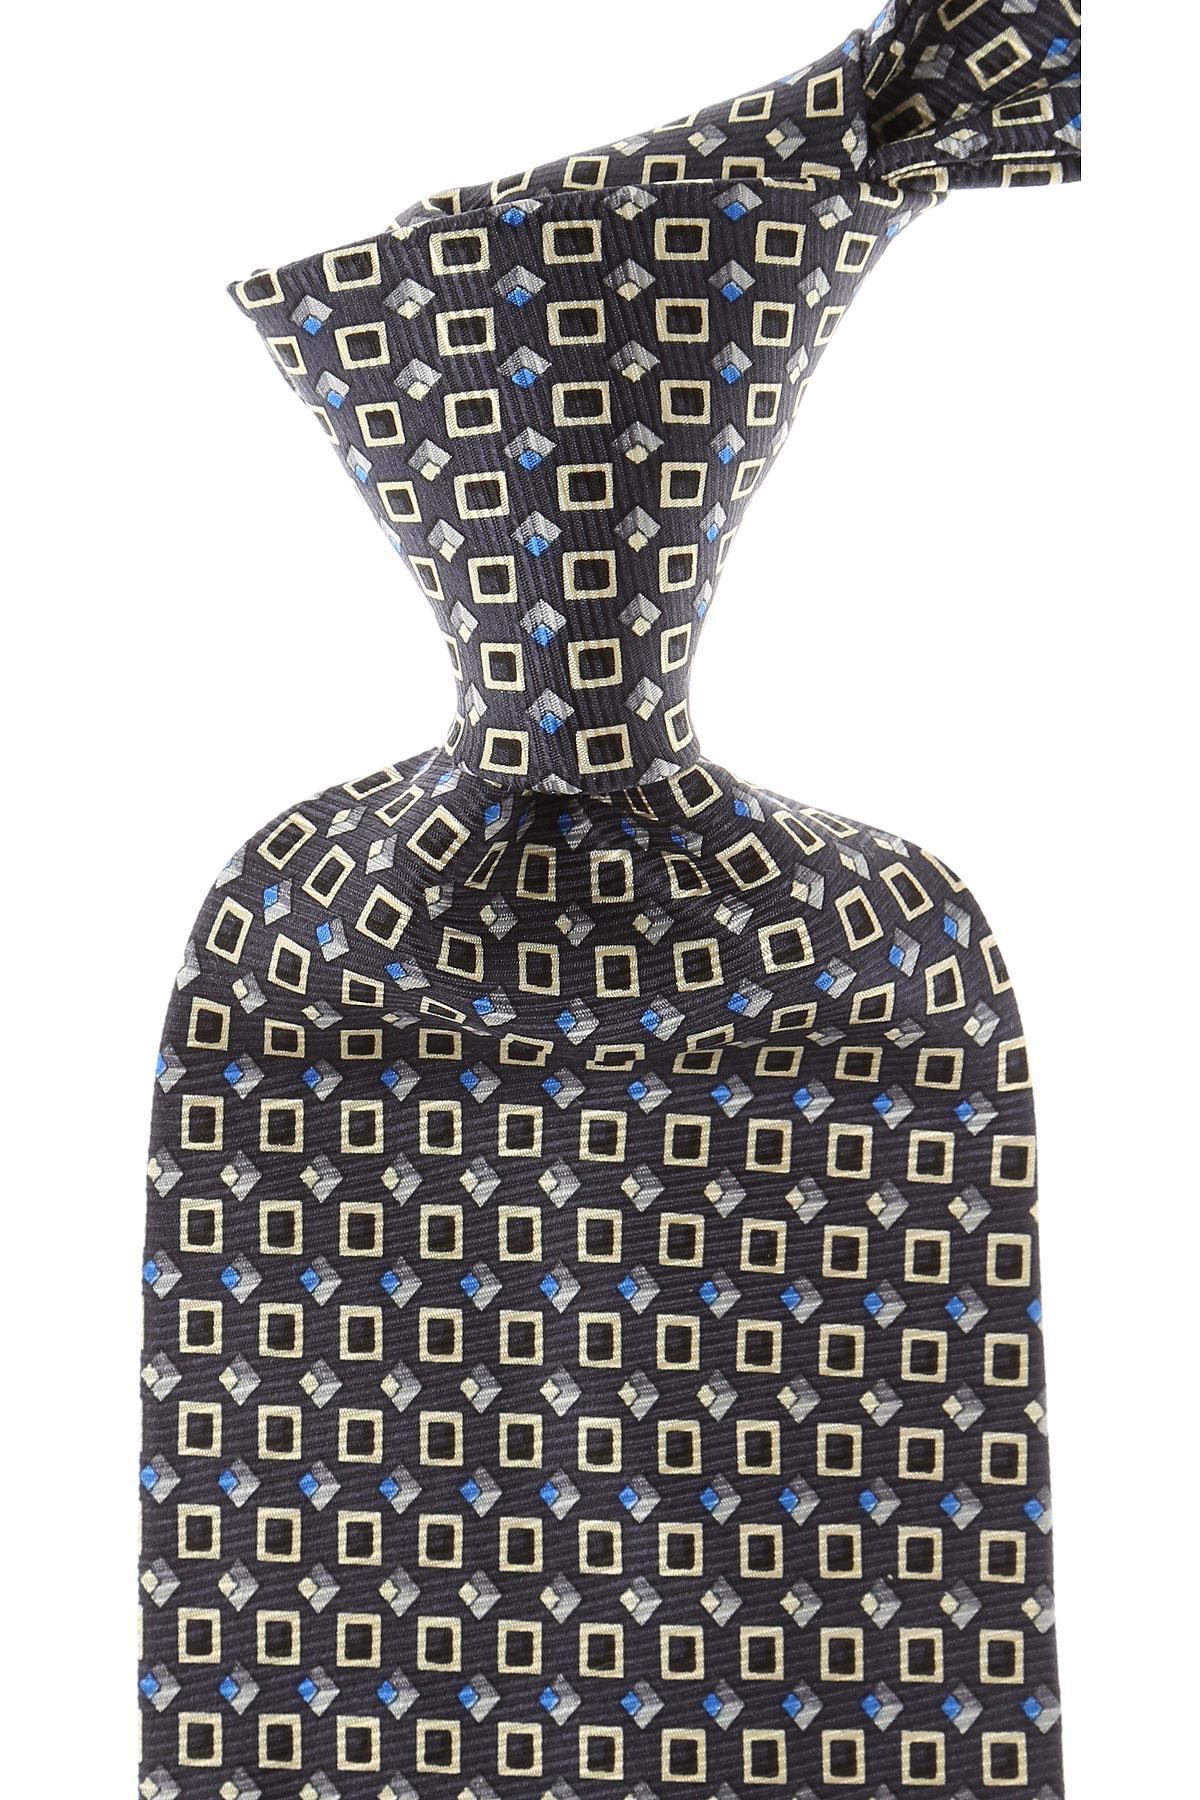 Balmain Cravates Pas cher en Soldes, Bleu nuit, Soie, 2017